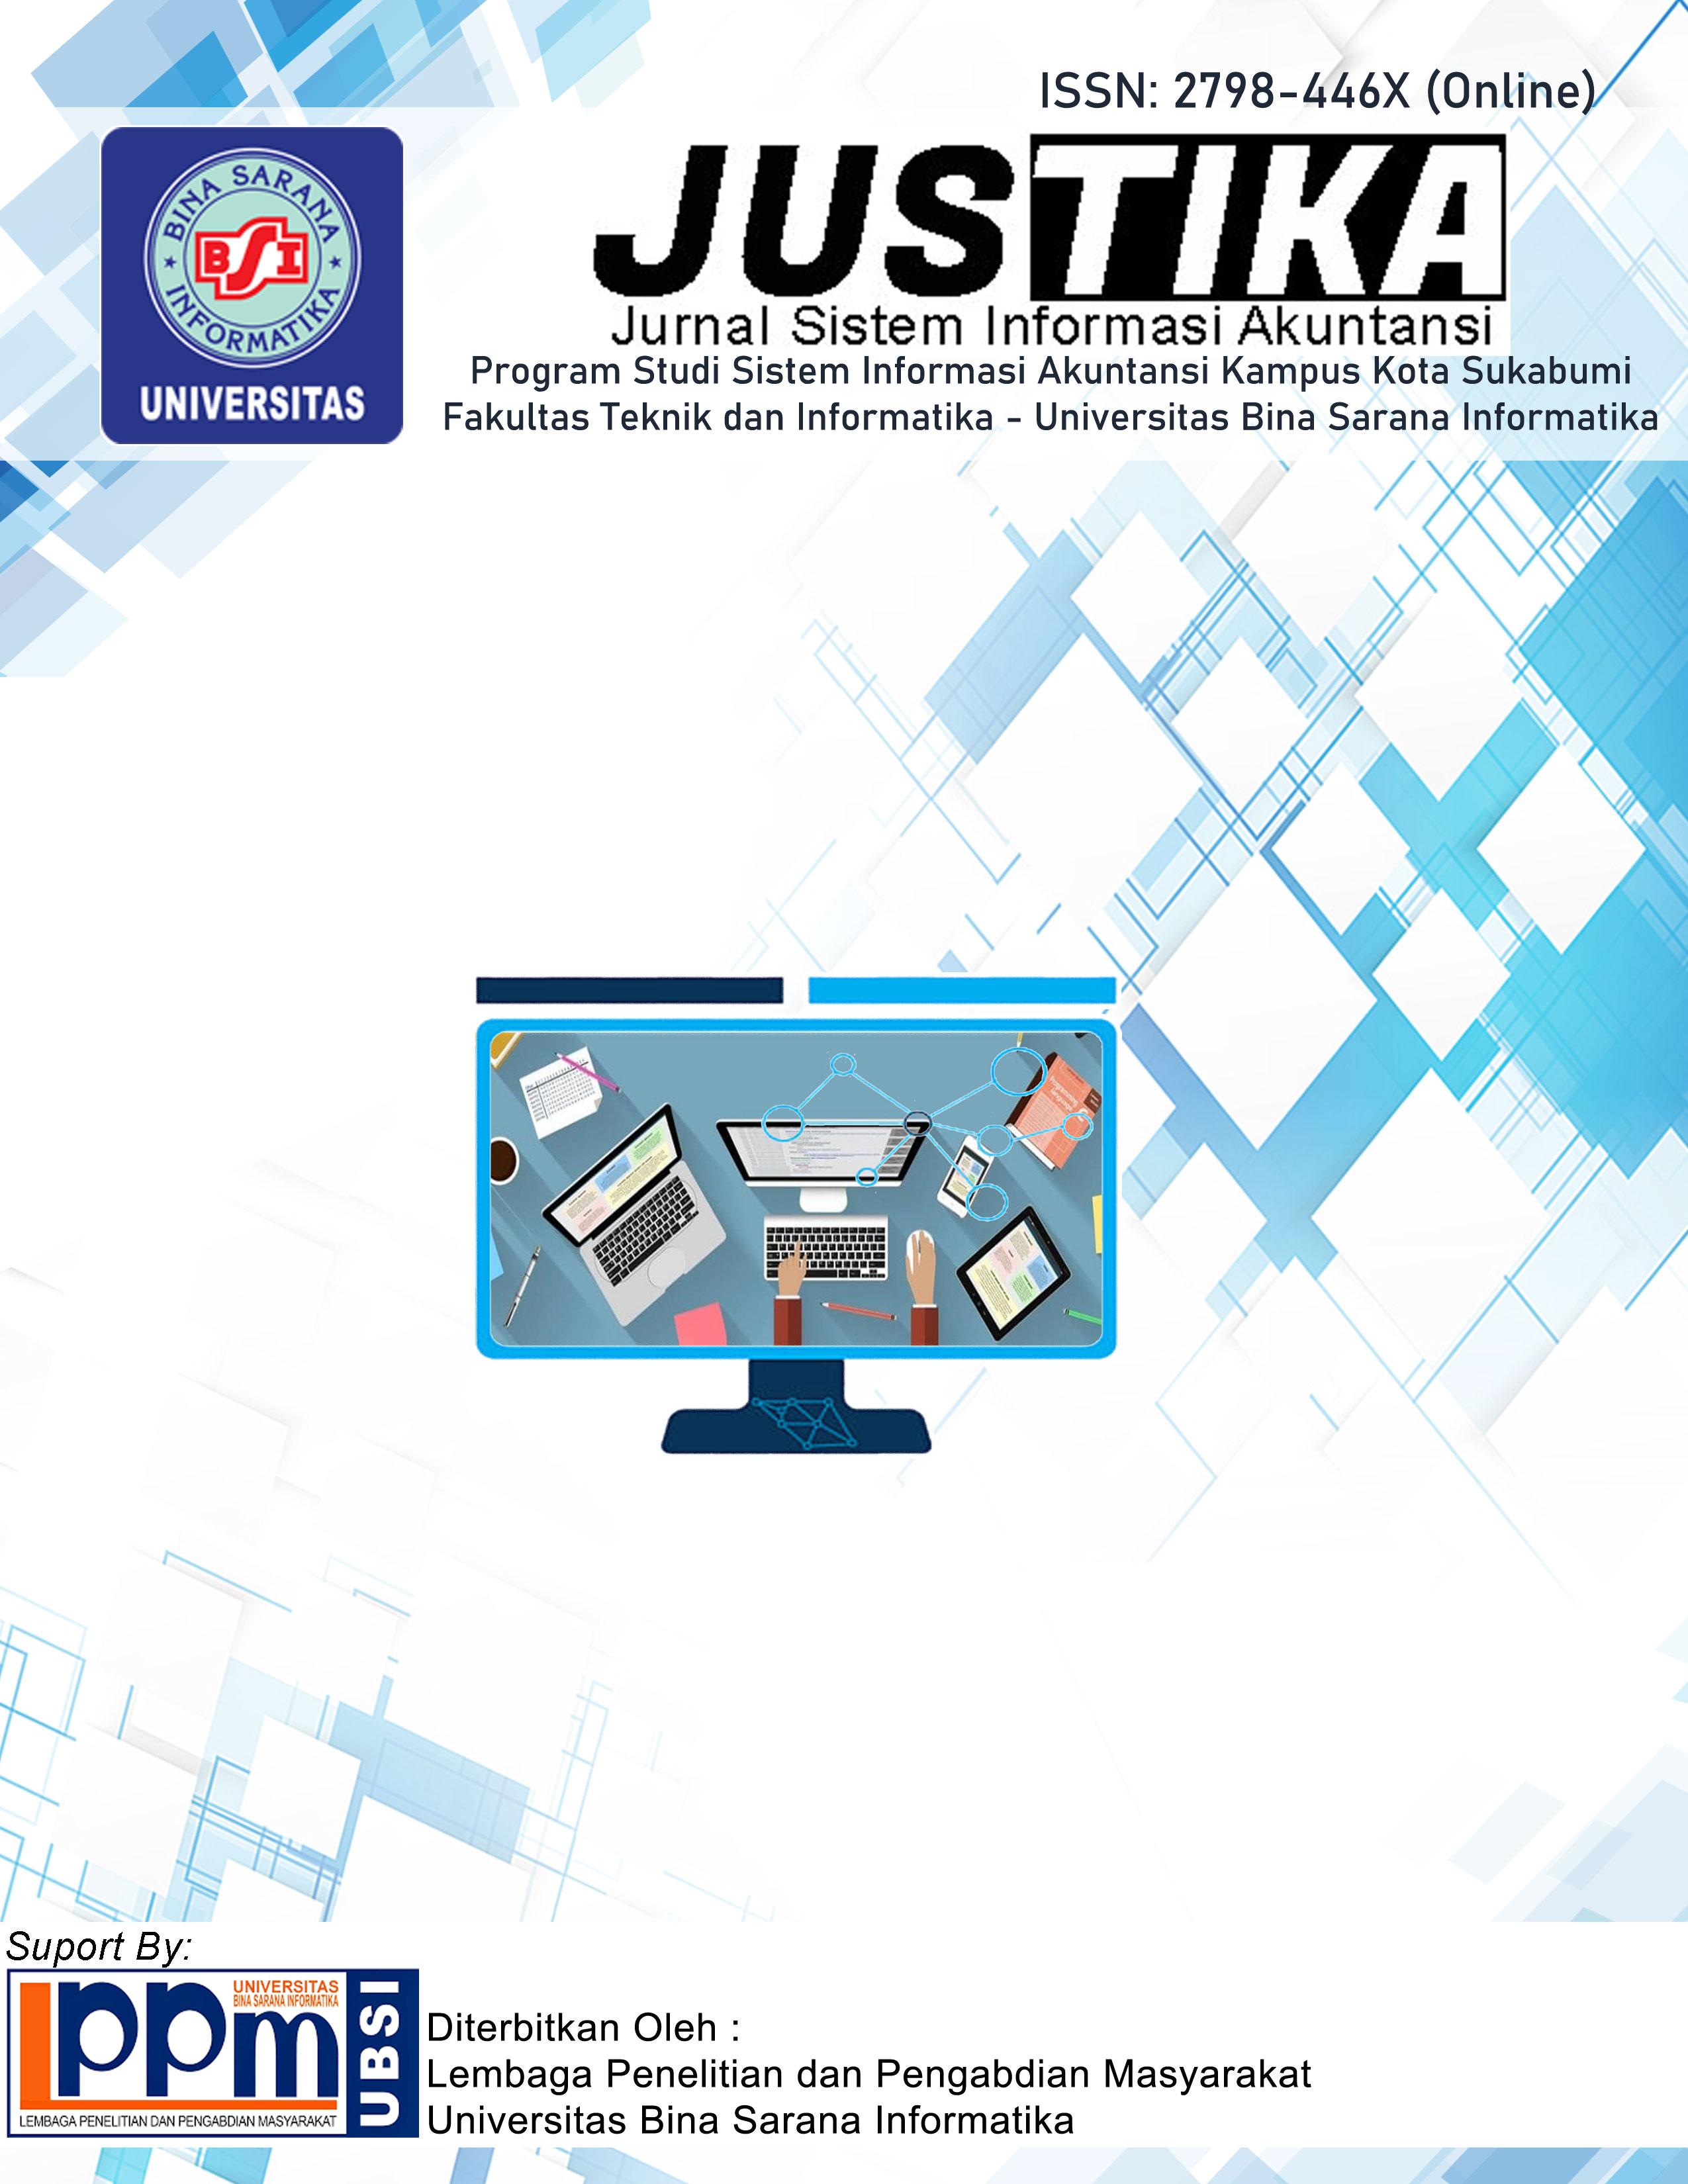 Lihat Vol 1 No 1 (2021): JUSTIKA : Jurnal Sistem Informasi Akuntansi